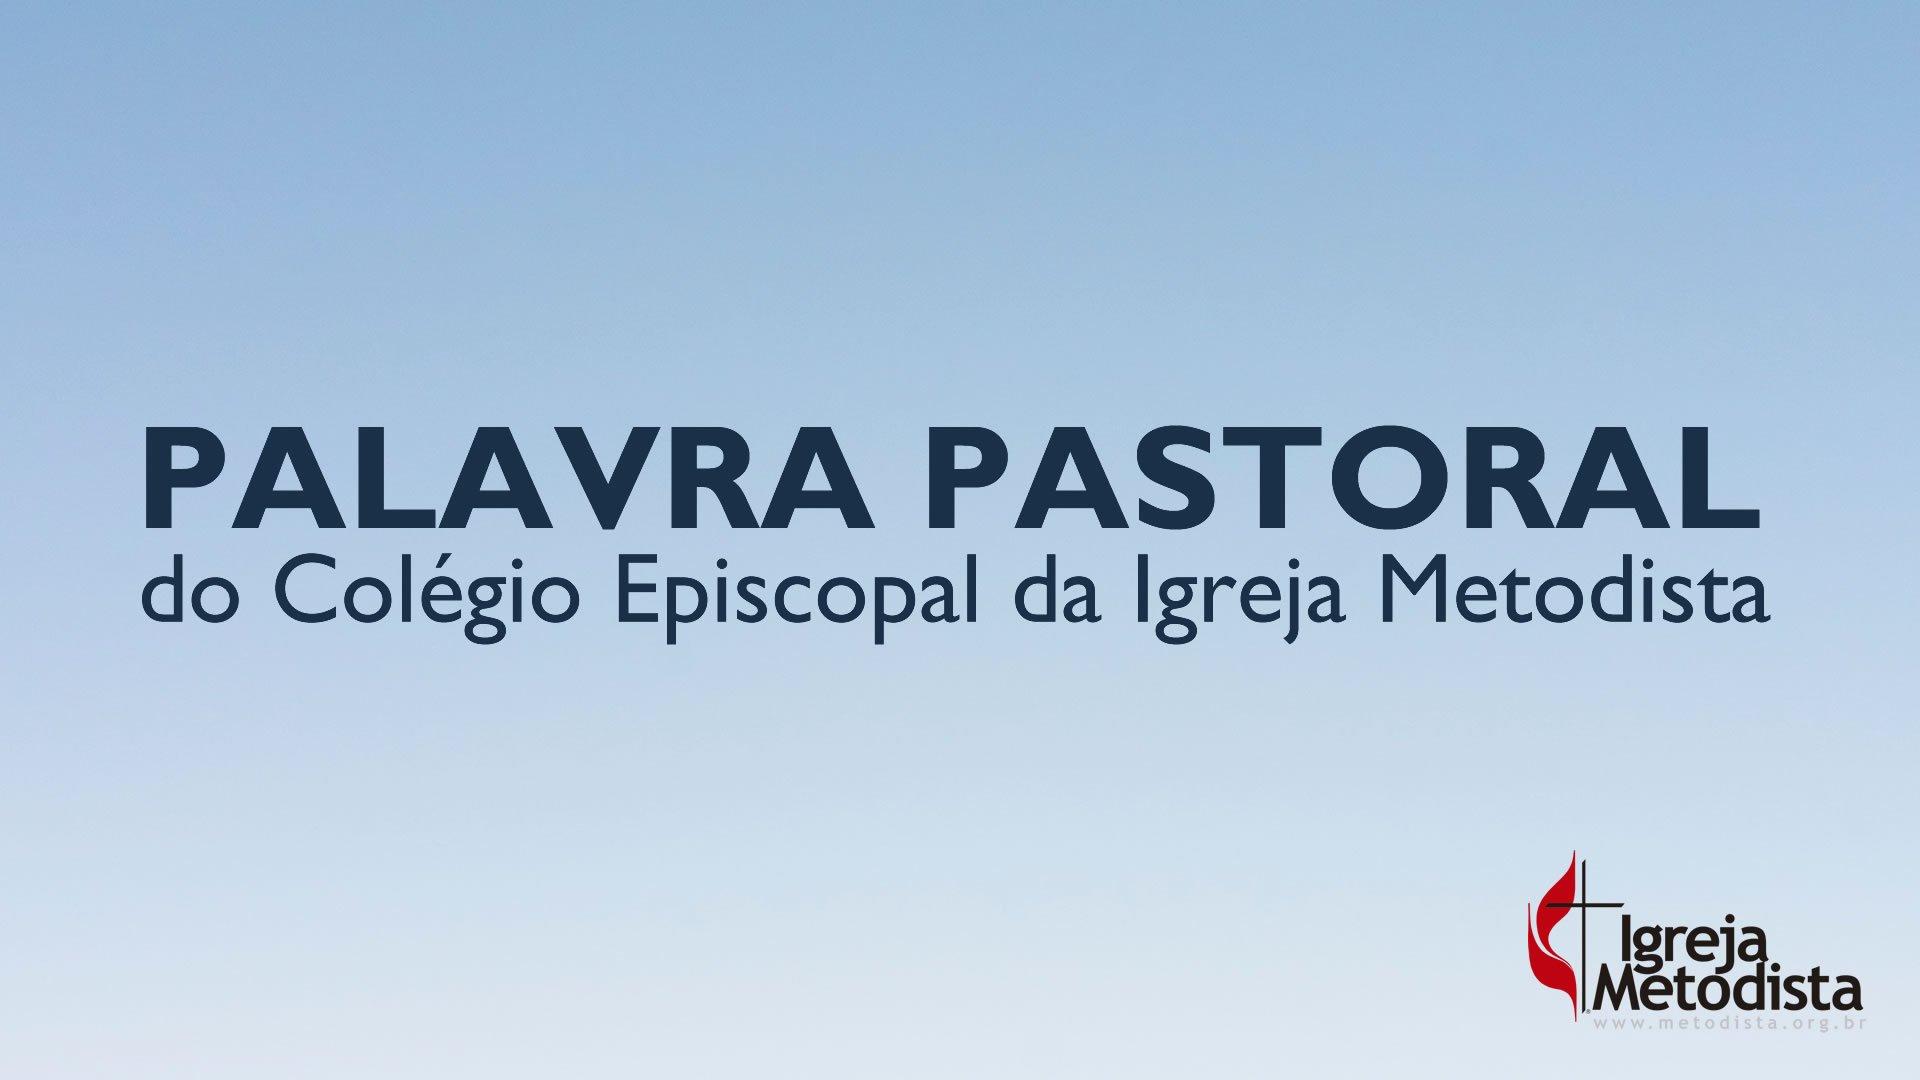 Palavra Pastoral do Colégio Episcopal